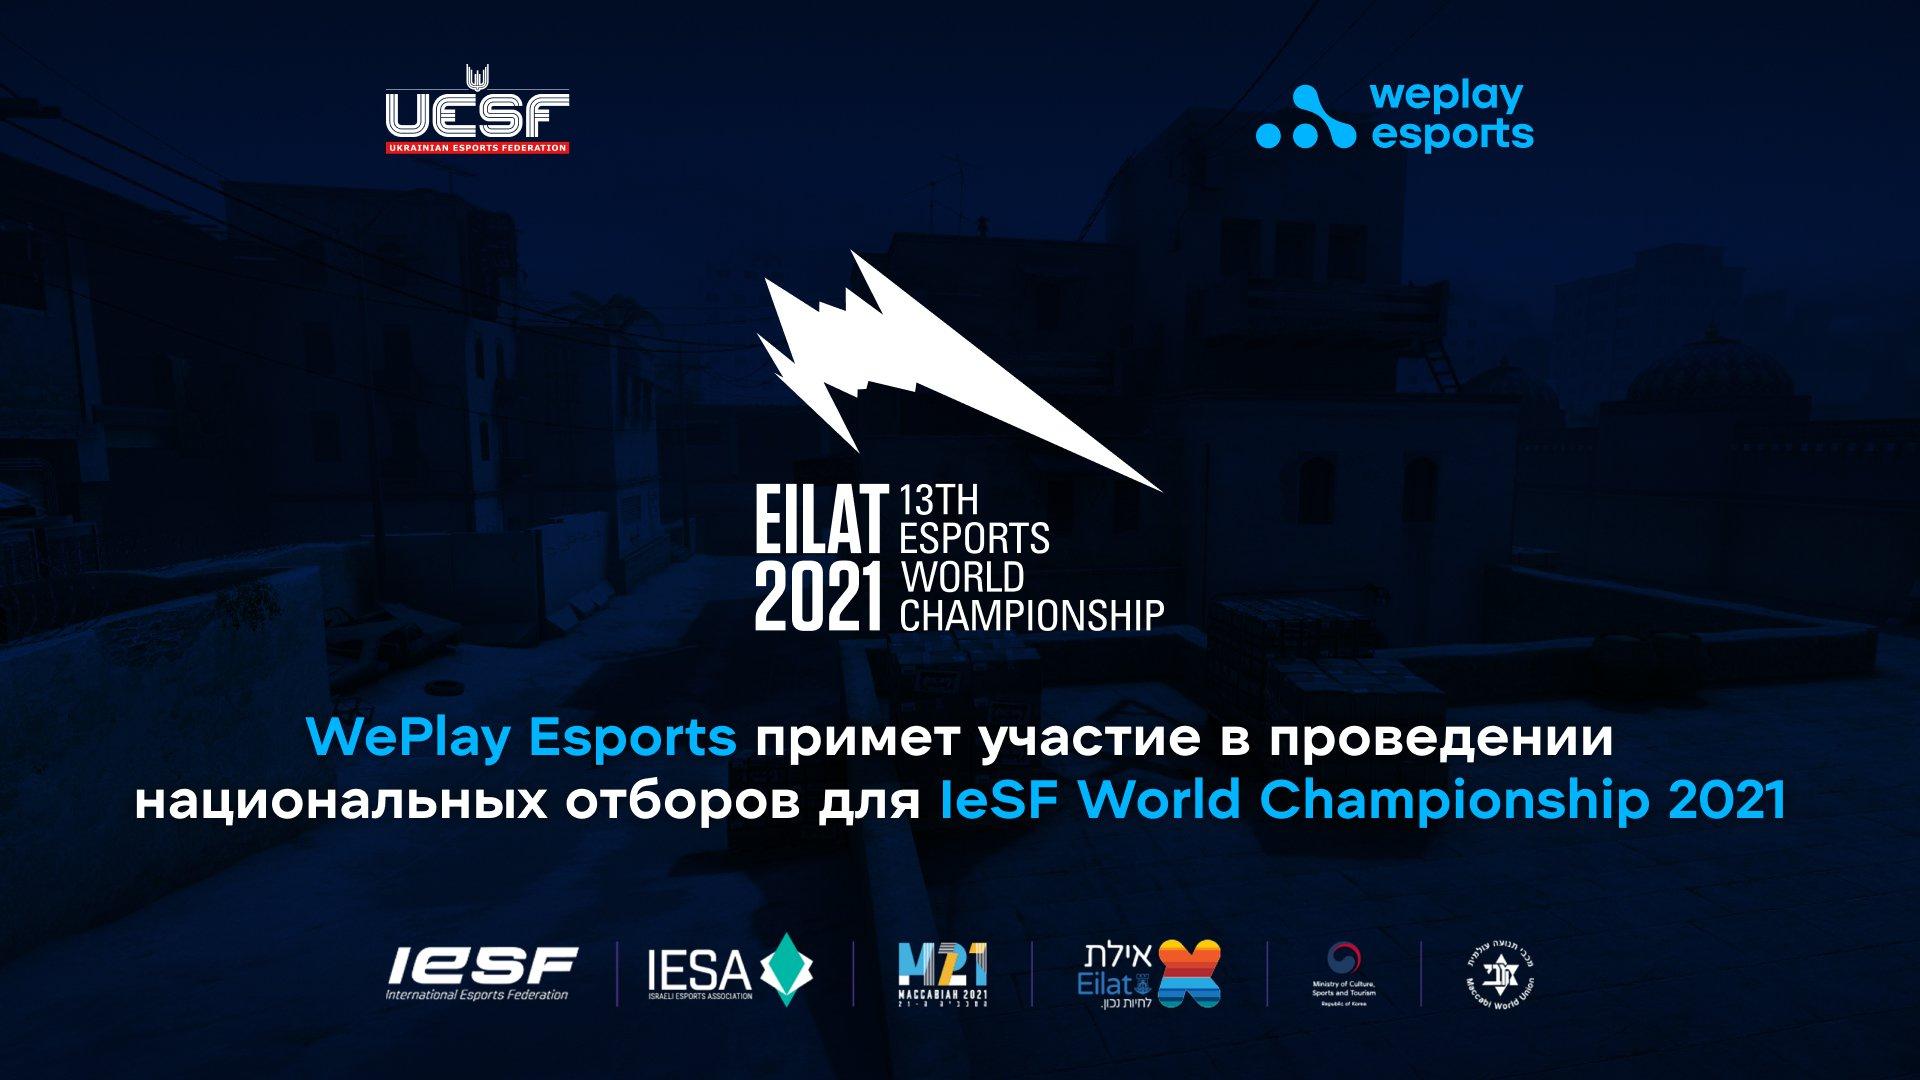 WePlay Esports примет участие в проведении национальных отборов для IeSF World Championship 2021. Изображение: WePlay Holding